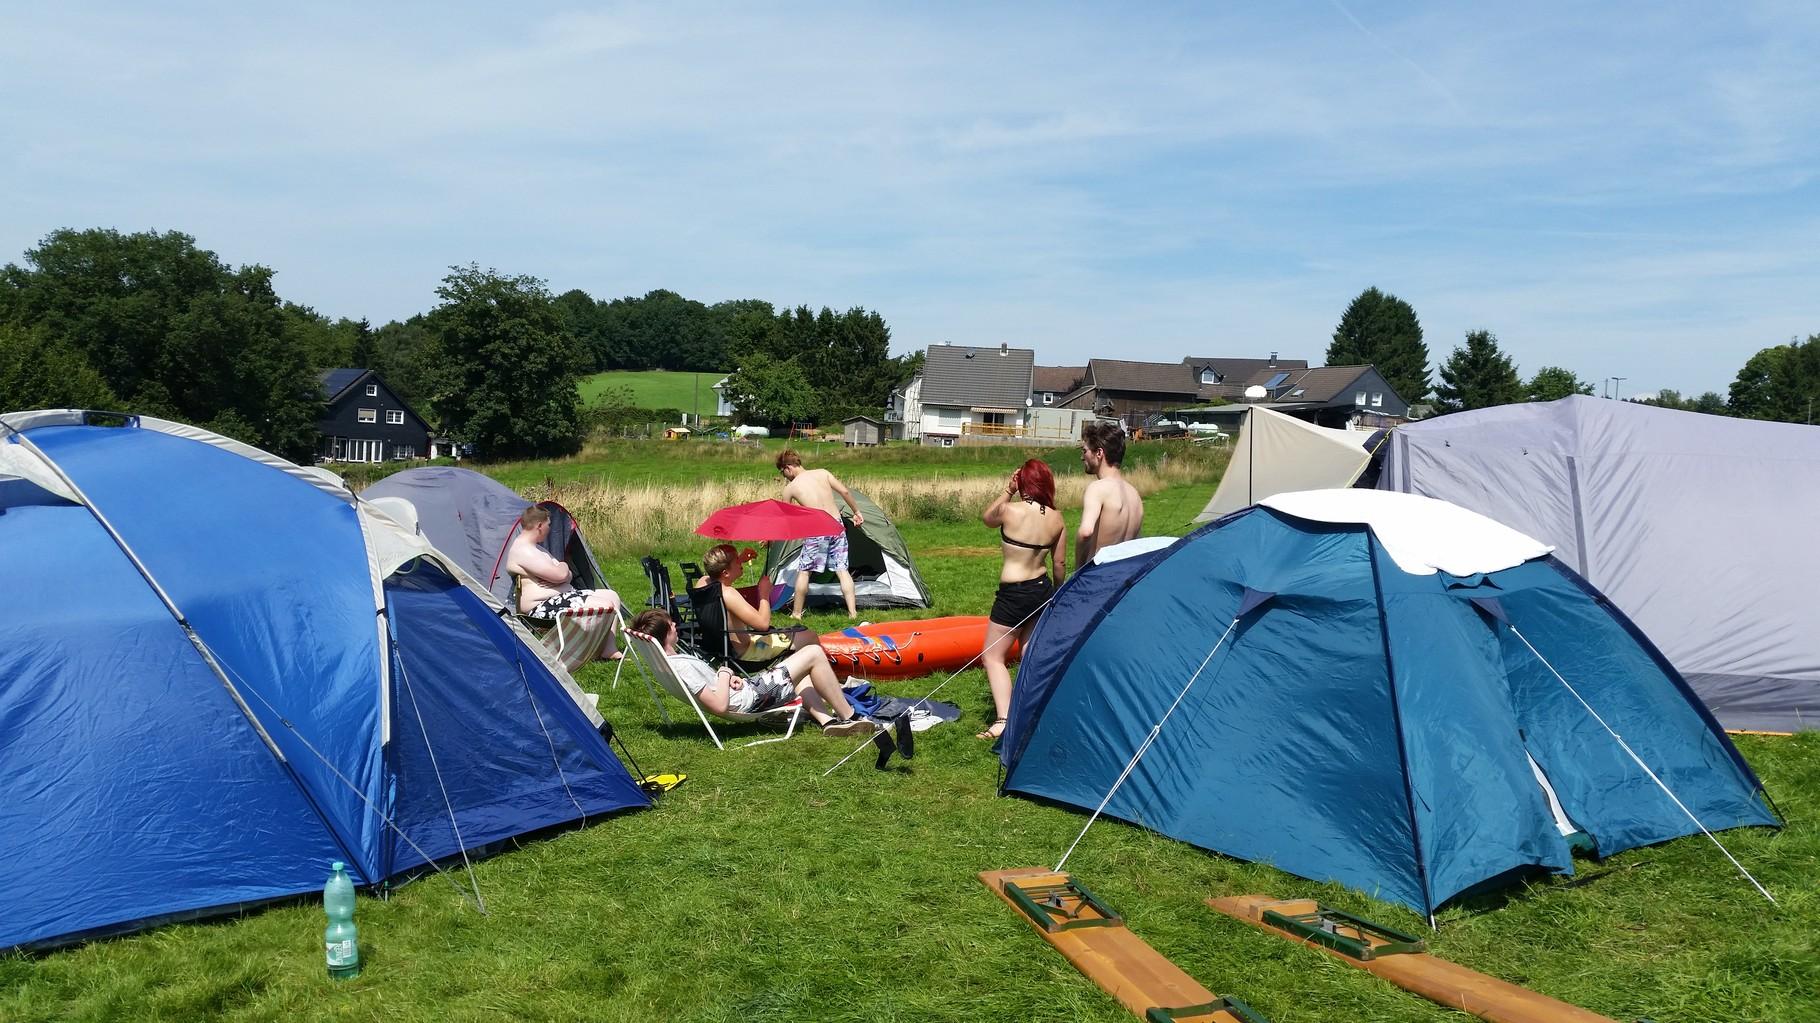 Das war unser Zeltplatz, die Zelte rundherum aufgestellt und in der Mitte platz für die Campingstühle.